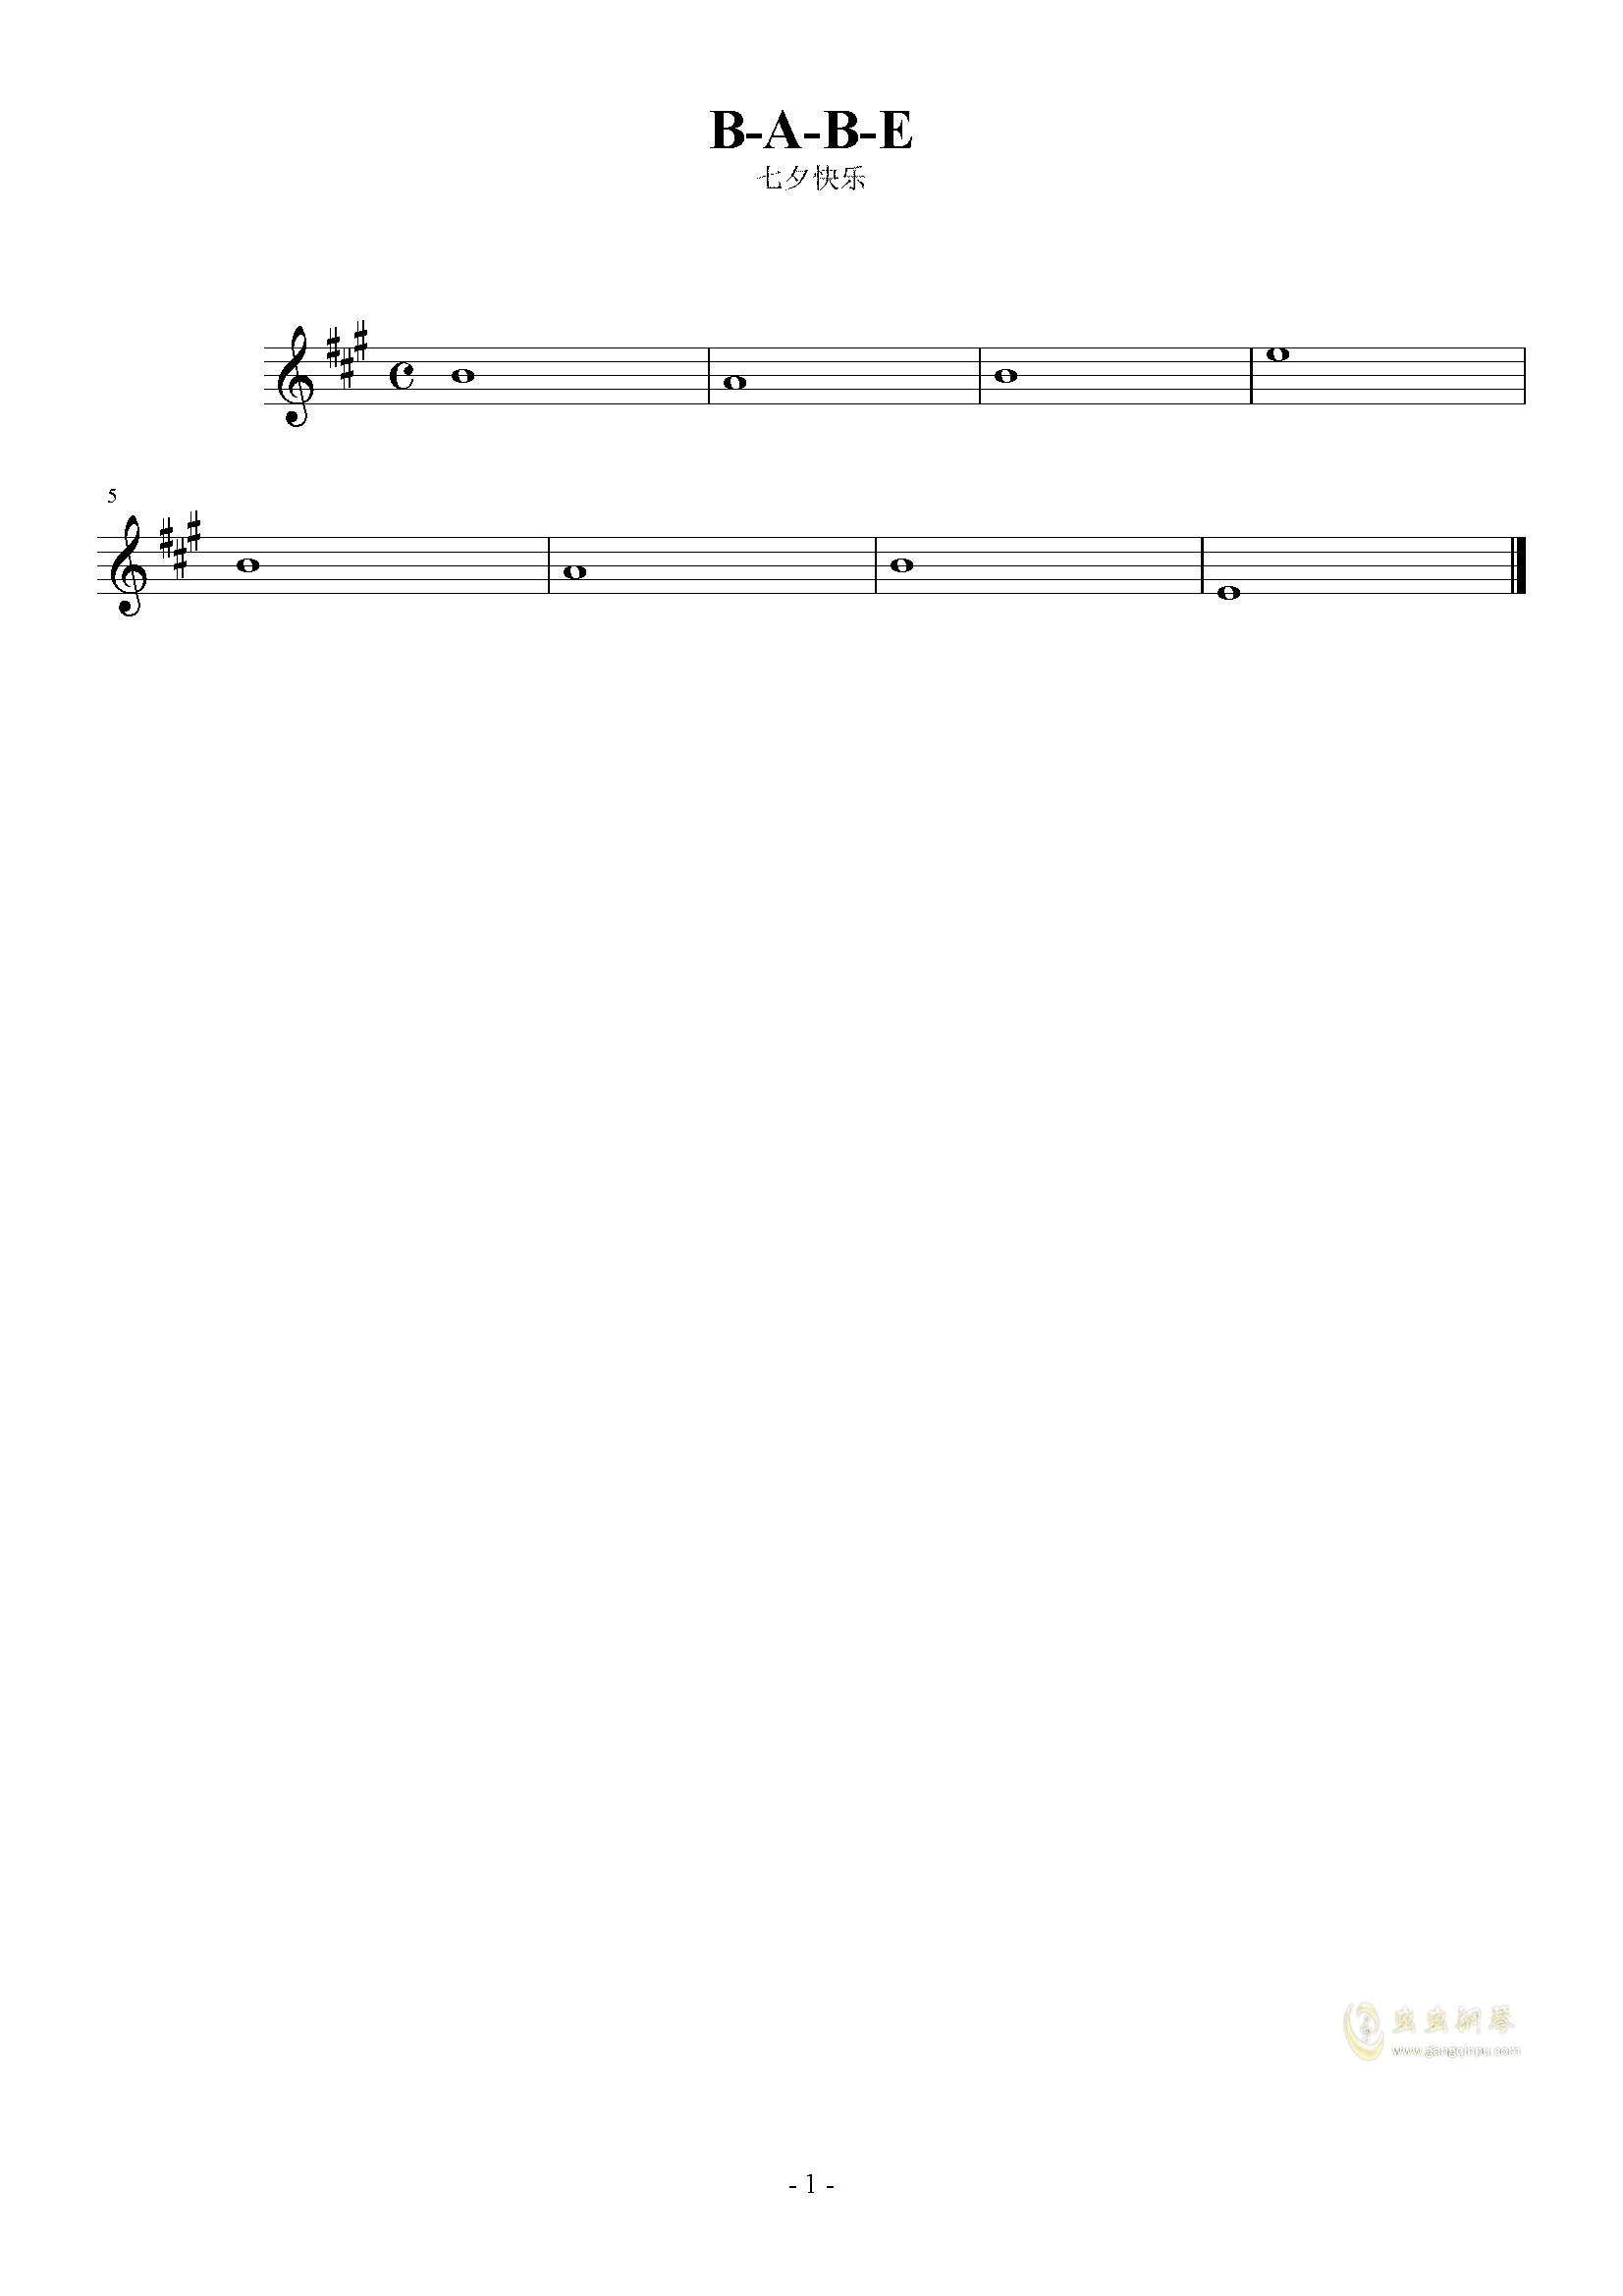 B-A-B-E钢琴谱 第1页